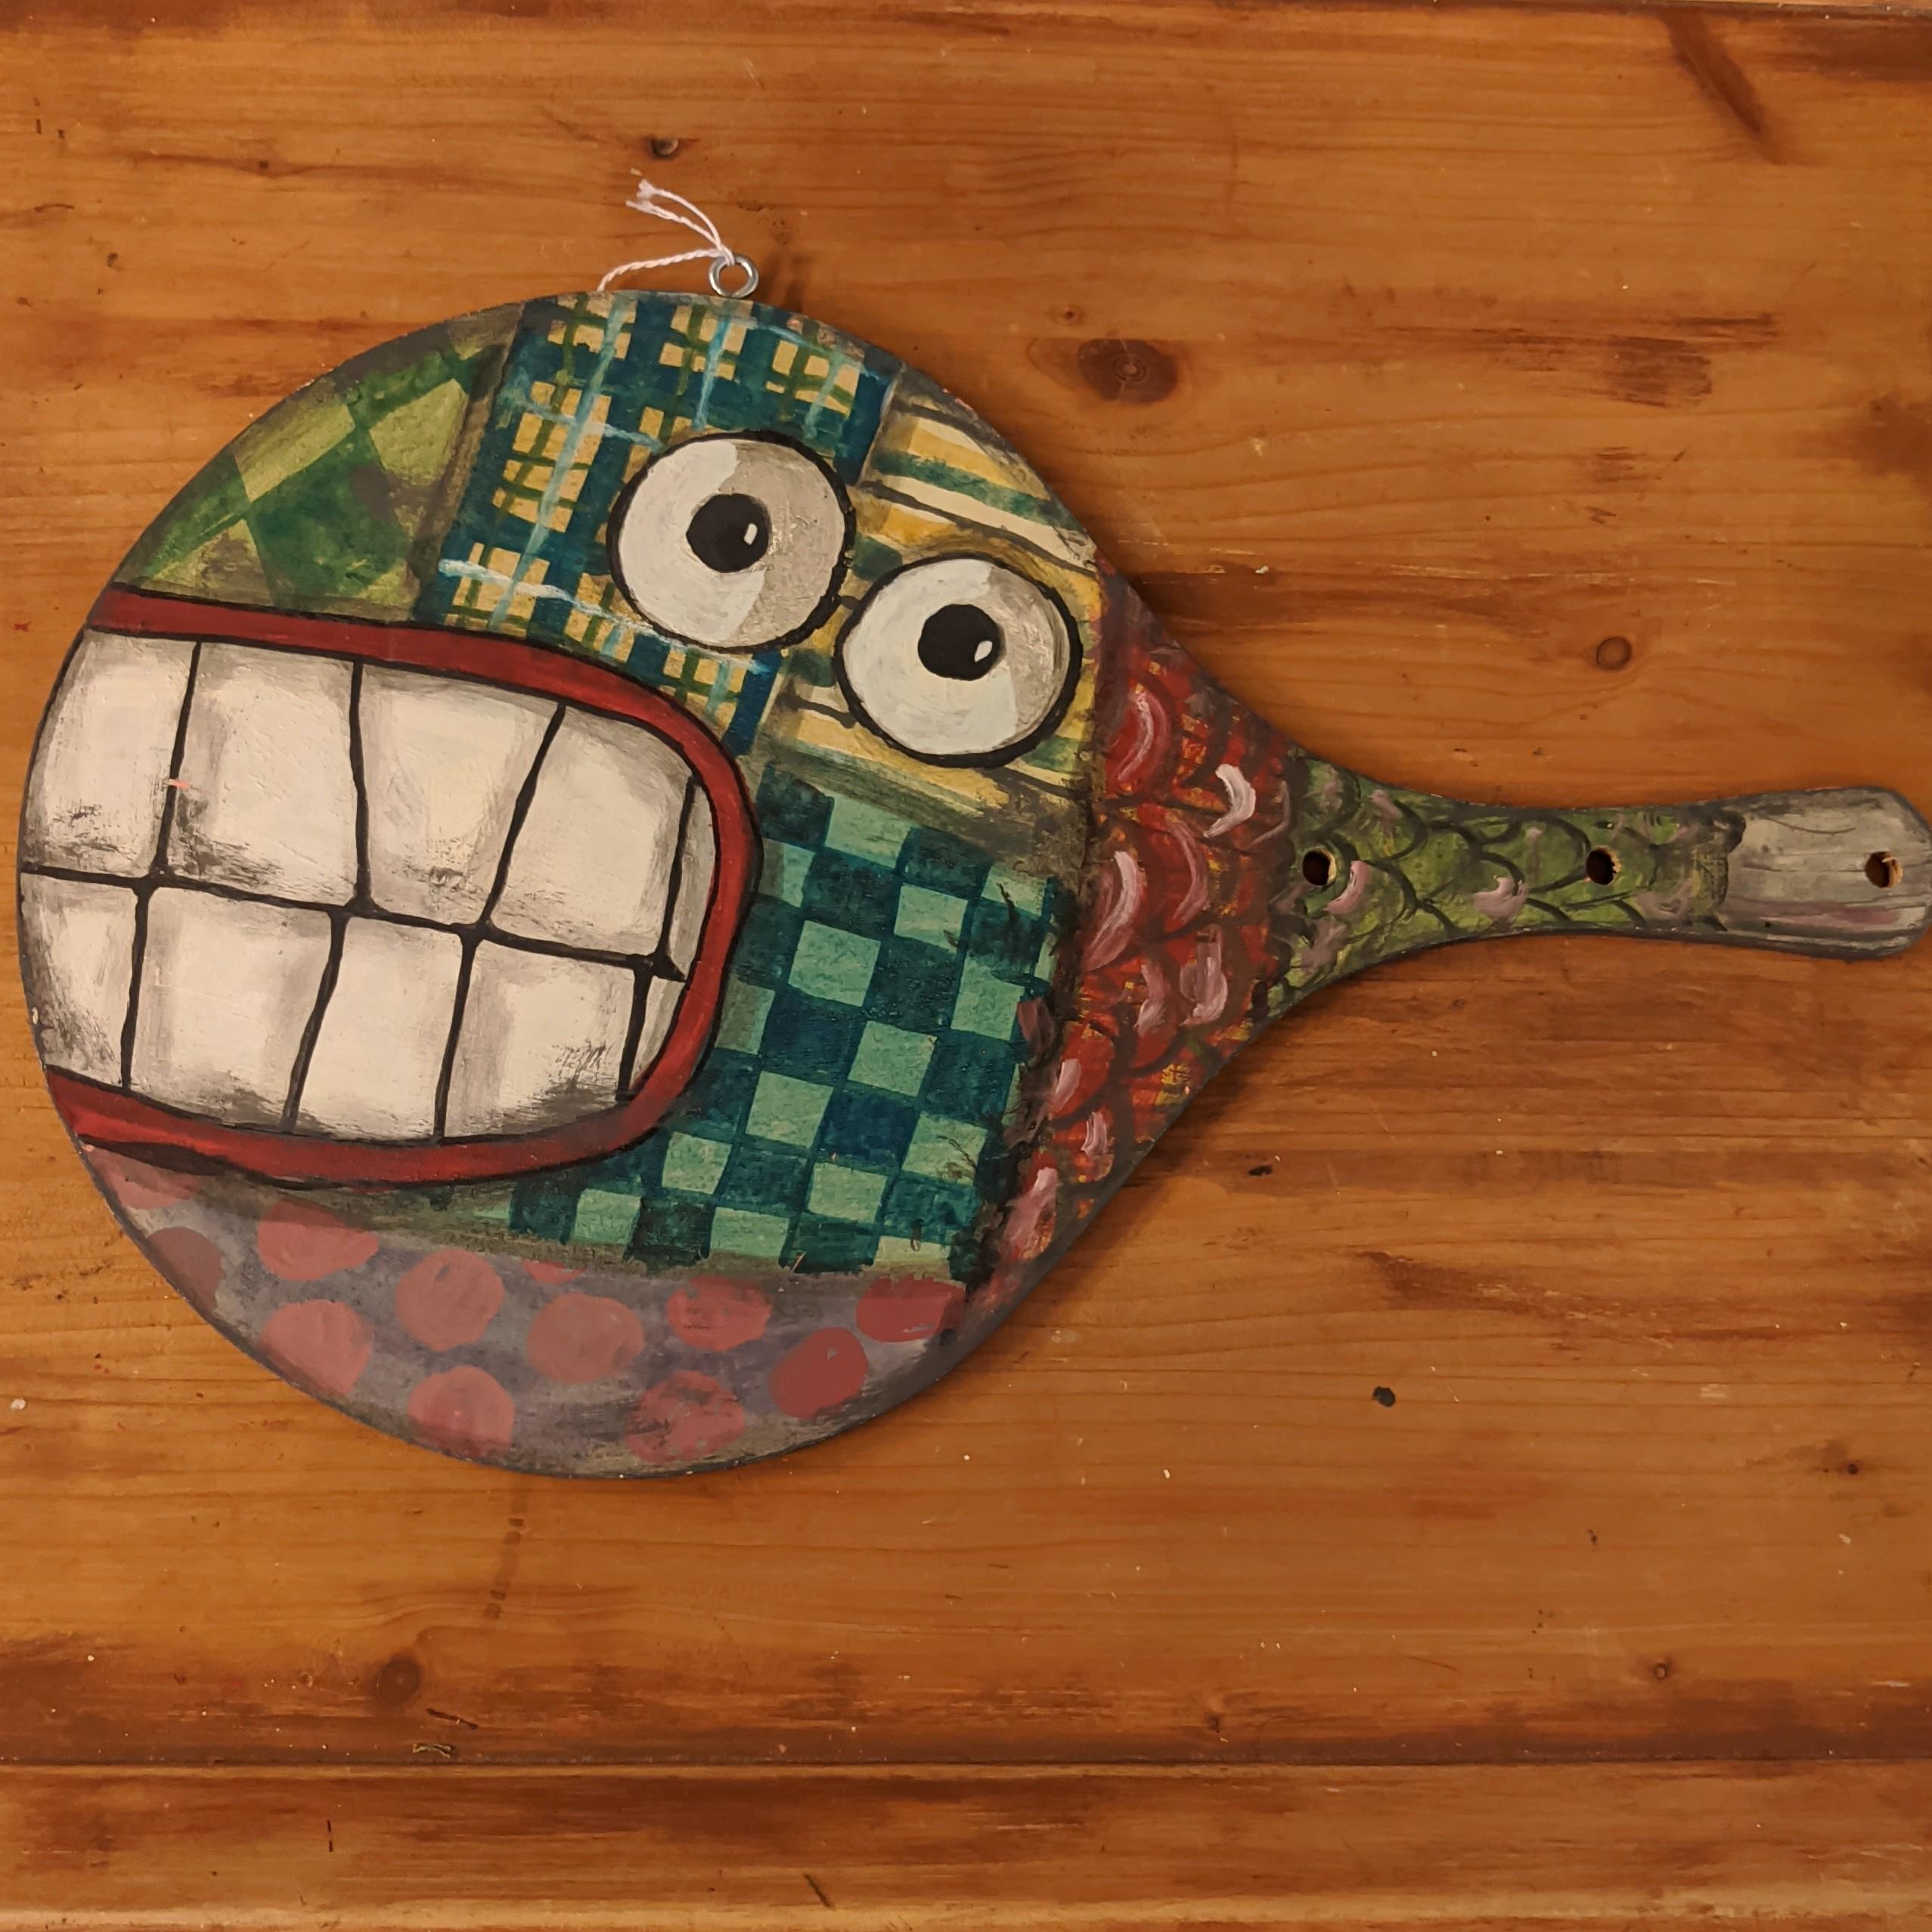 Ξύλινη ρακέτα-ψάρι  –  Hand painted wooden racket